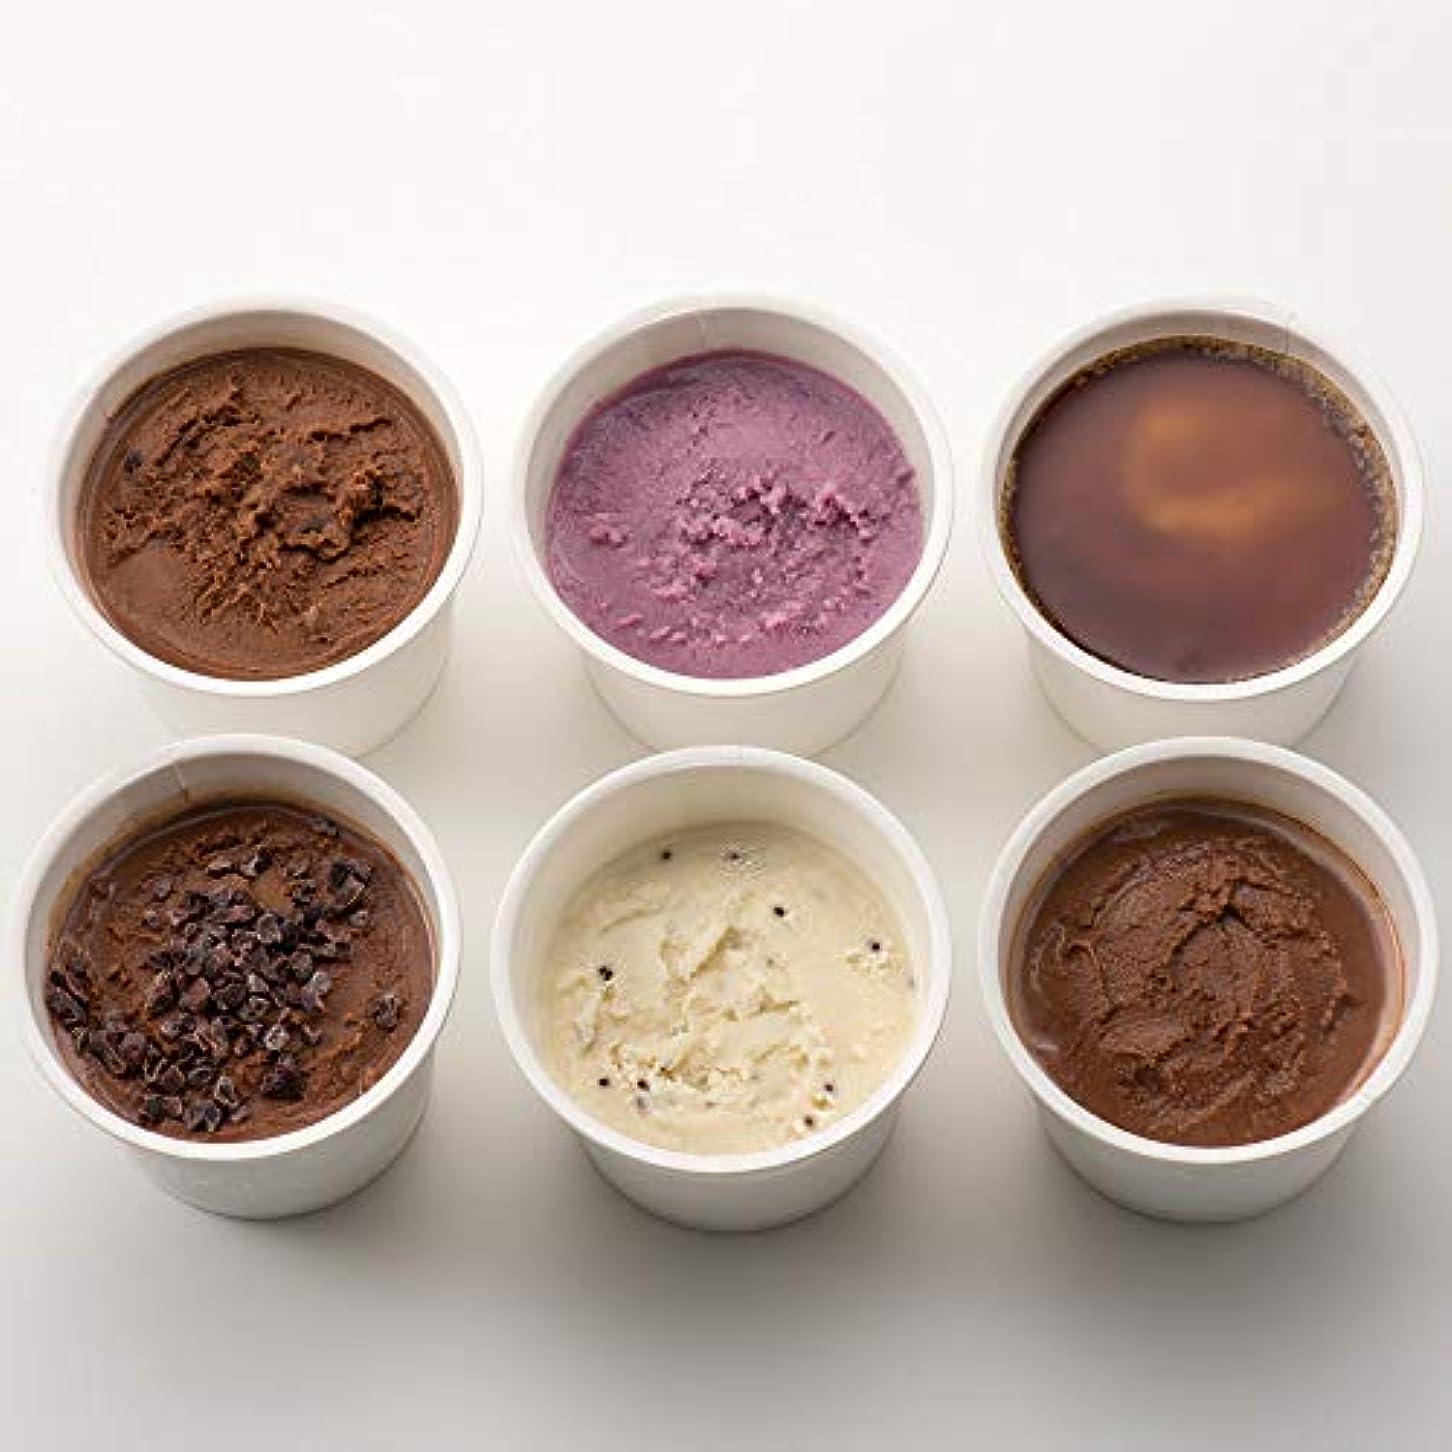 言い換えるとルアー有益なK and Son's 植物性100%オーガニック豆乳アイスクリーム 80ml Premium 6カップセット (プレミアムアソート)